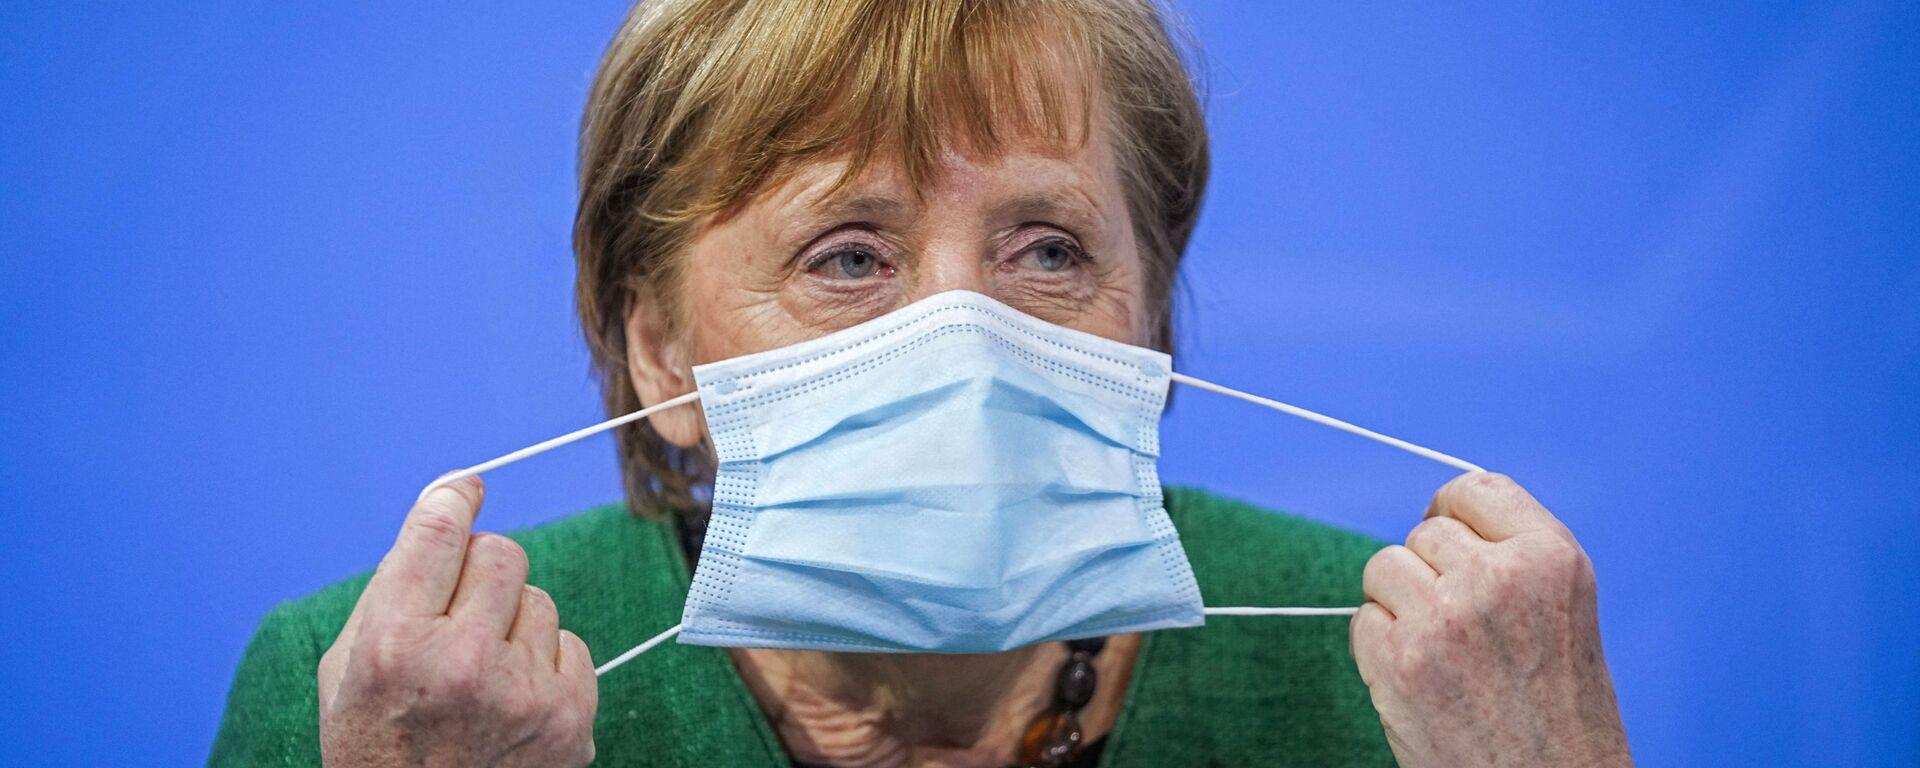 Kanclerz Niemiec Angela Merkel na konferencji prasowej w Niemczech - Sputnik Polska, 1920, 13.07.2021